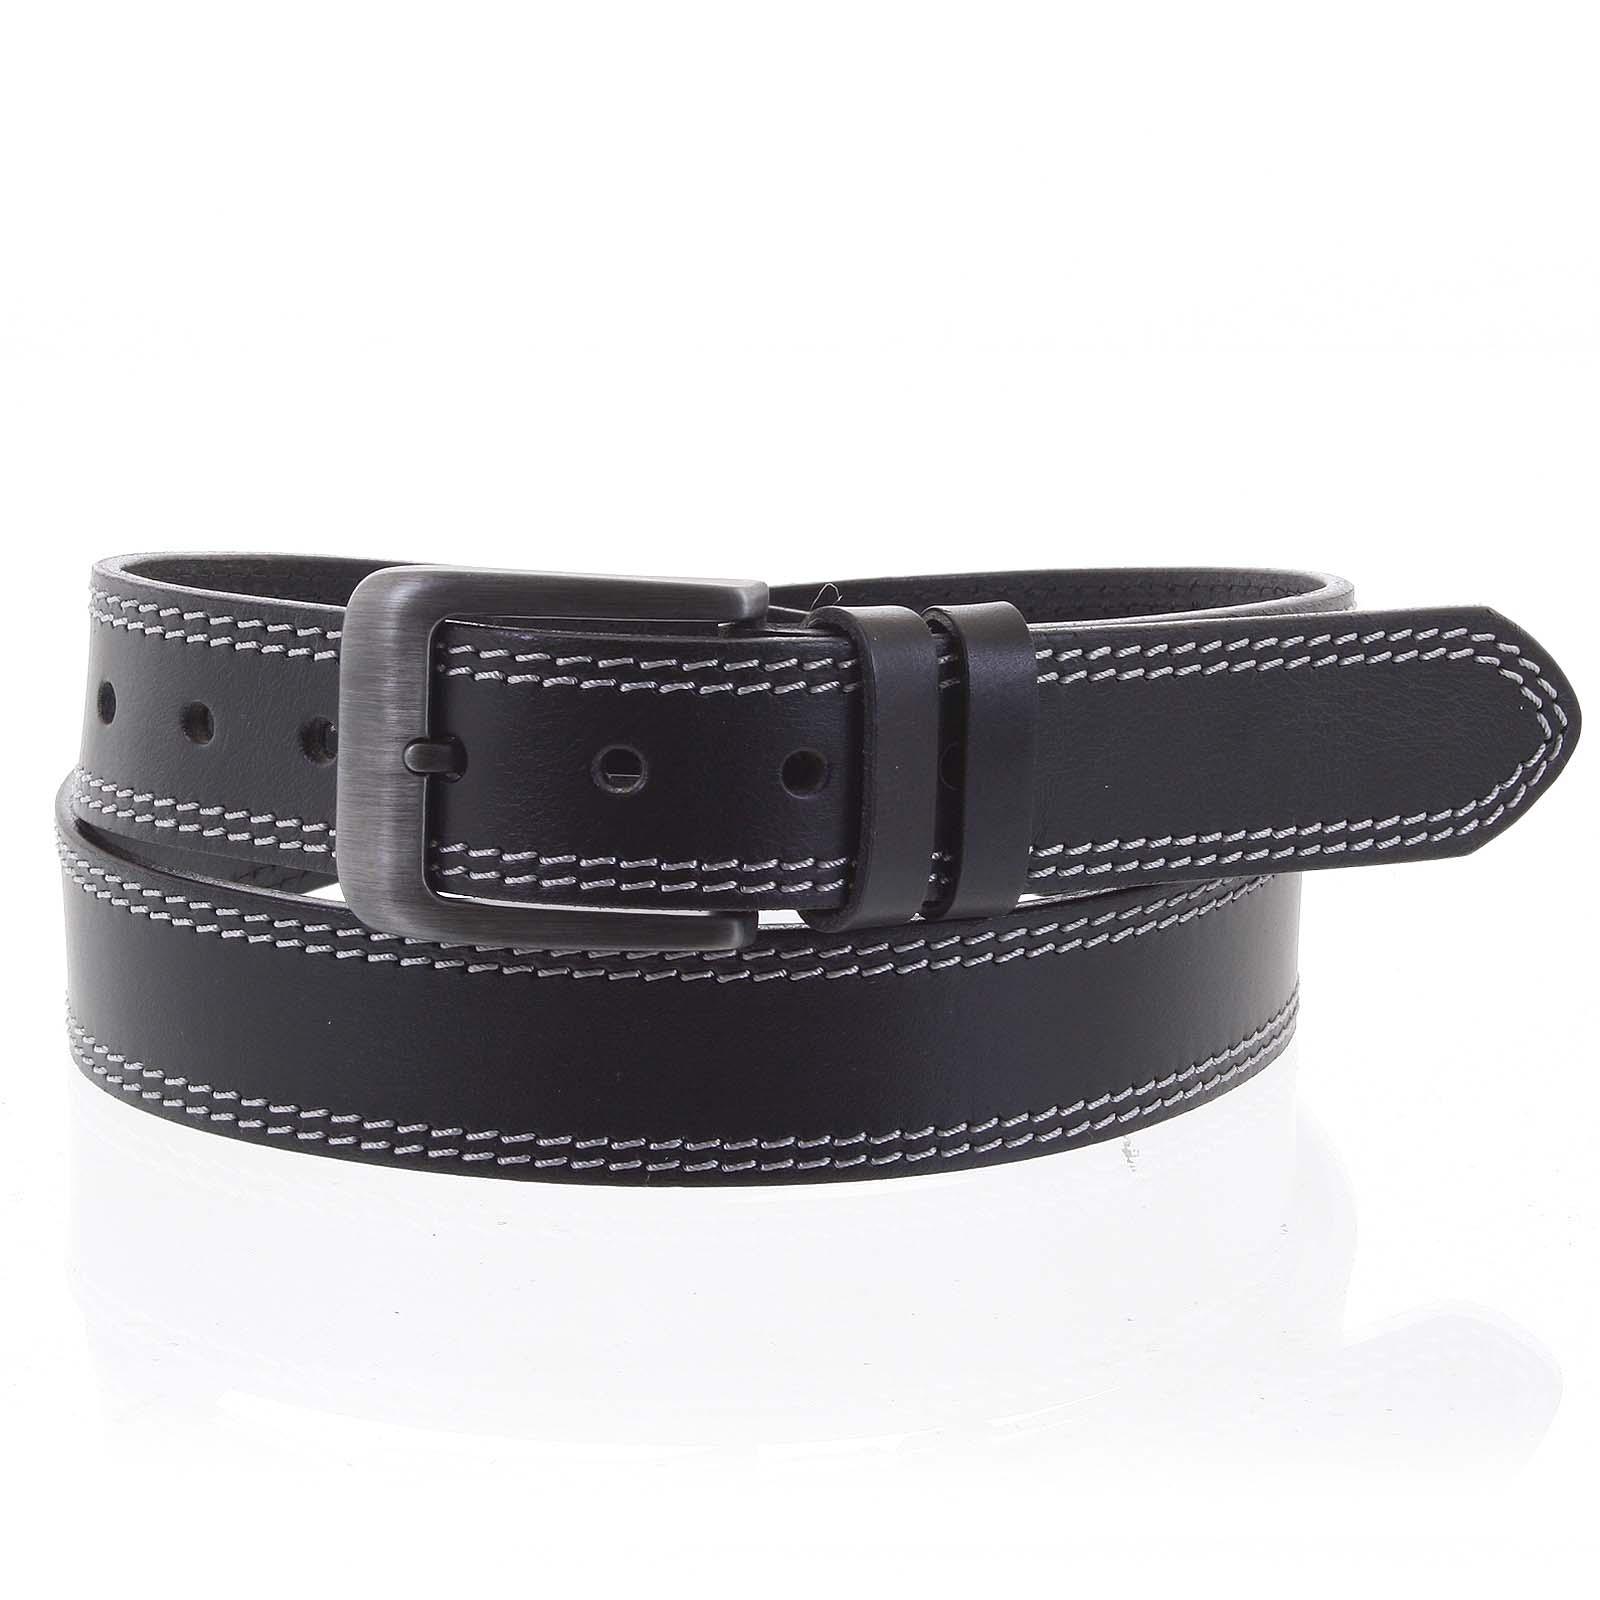 Pánský kožený opasek jeansový černý - PB Sadoc 115